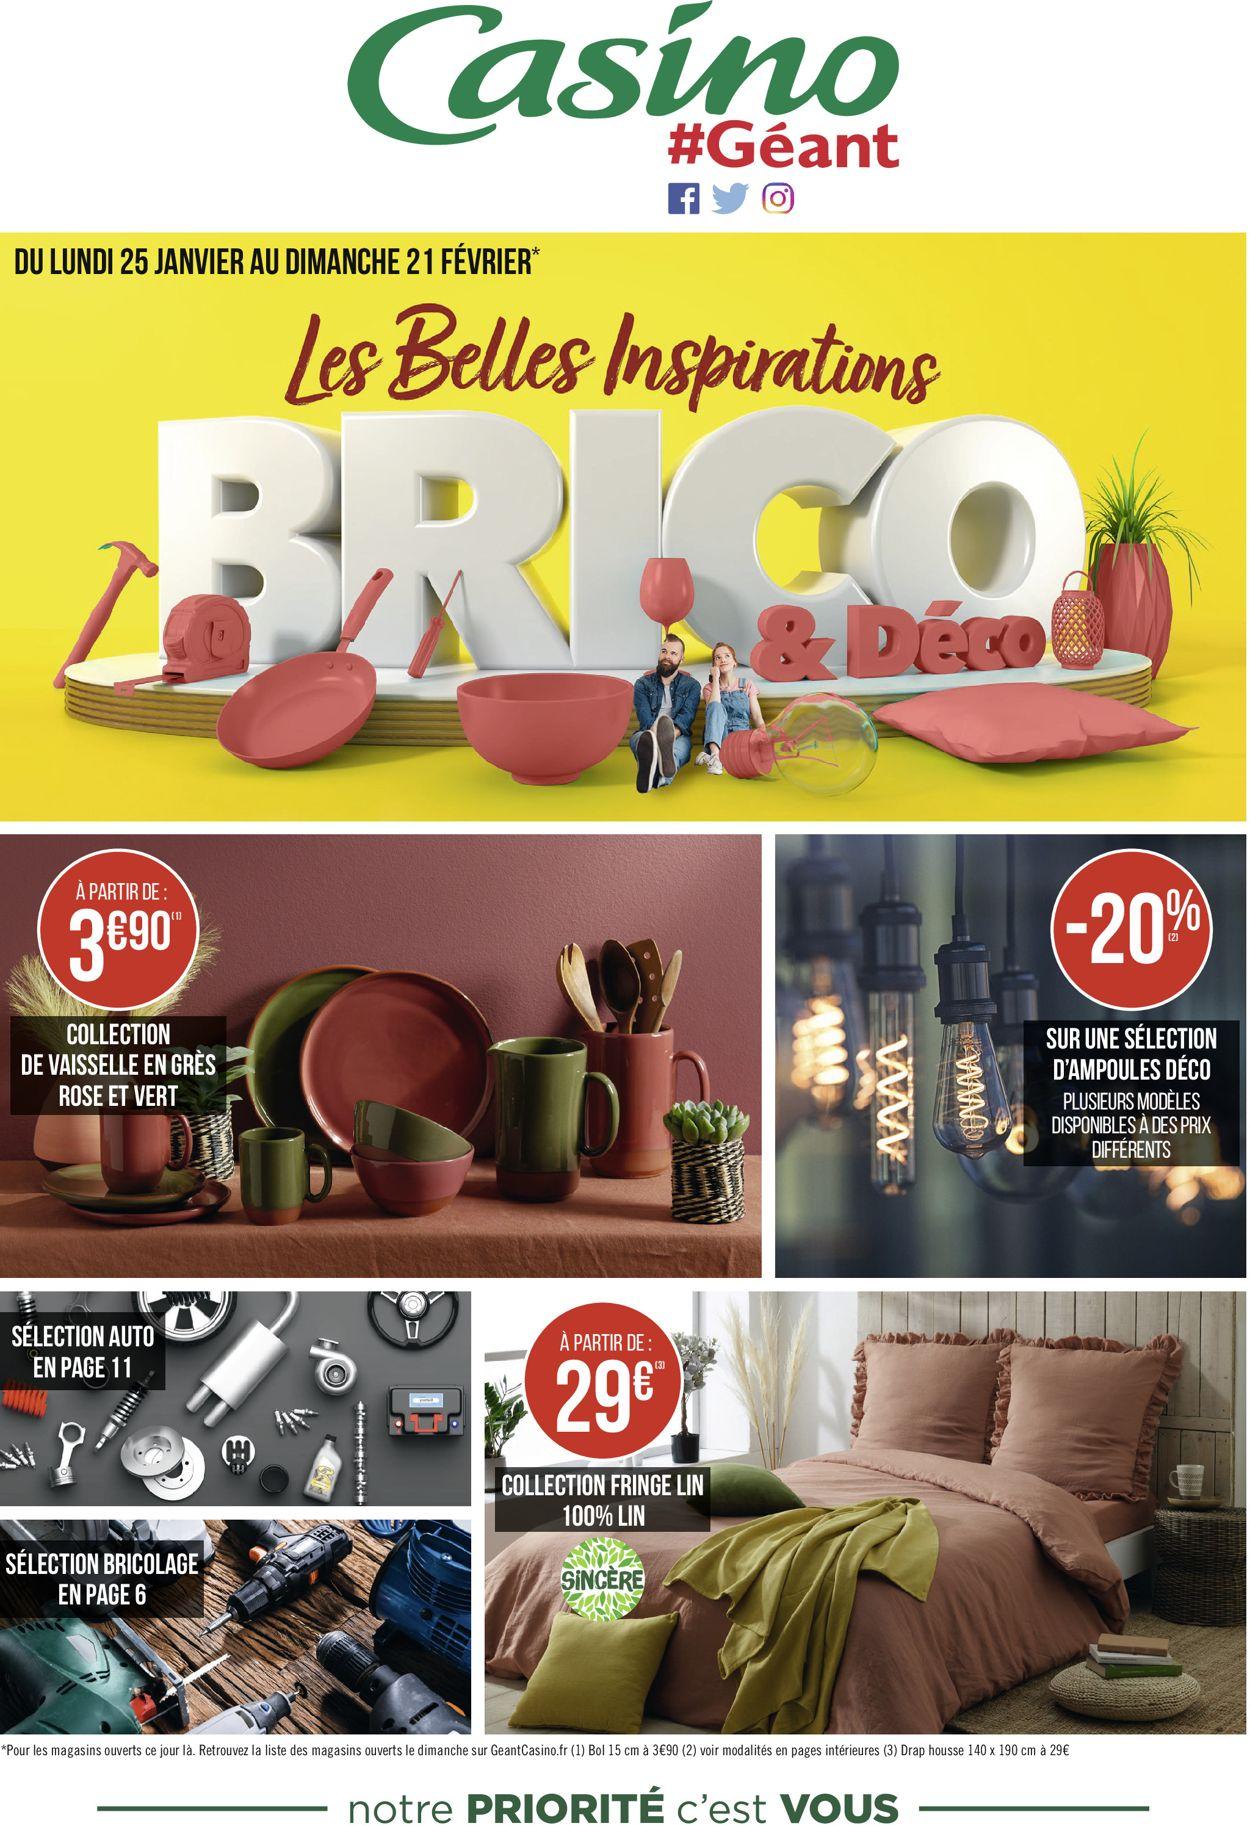 Géant Casino Inspirations Brico & Déco 2021 Catalogue - 25.01-21.02.2021